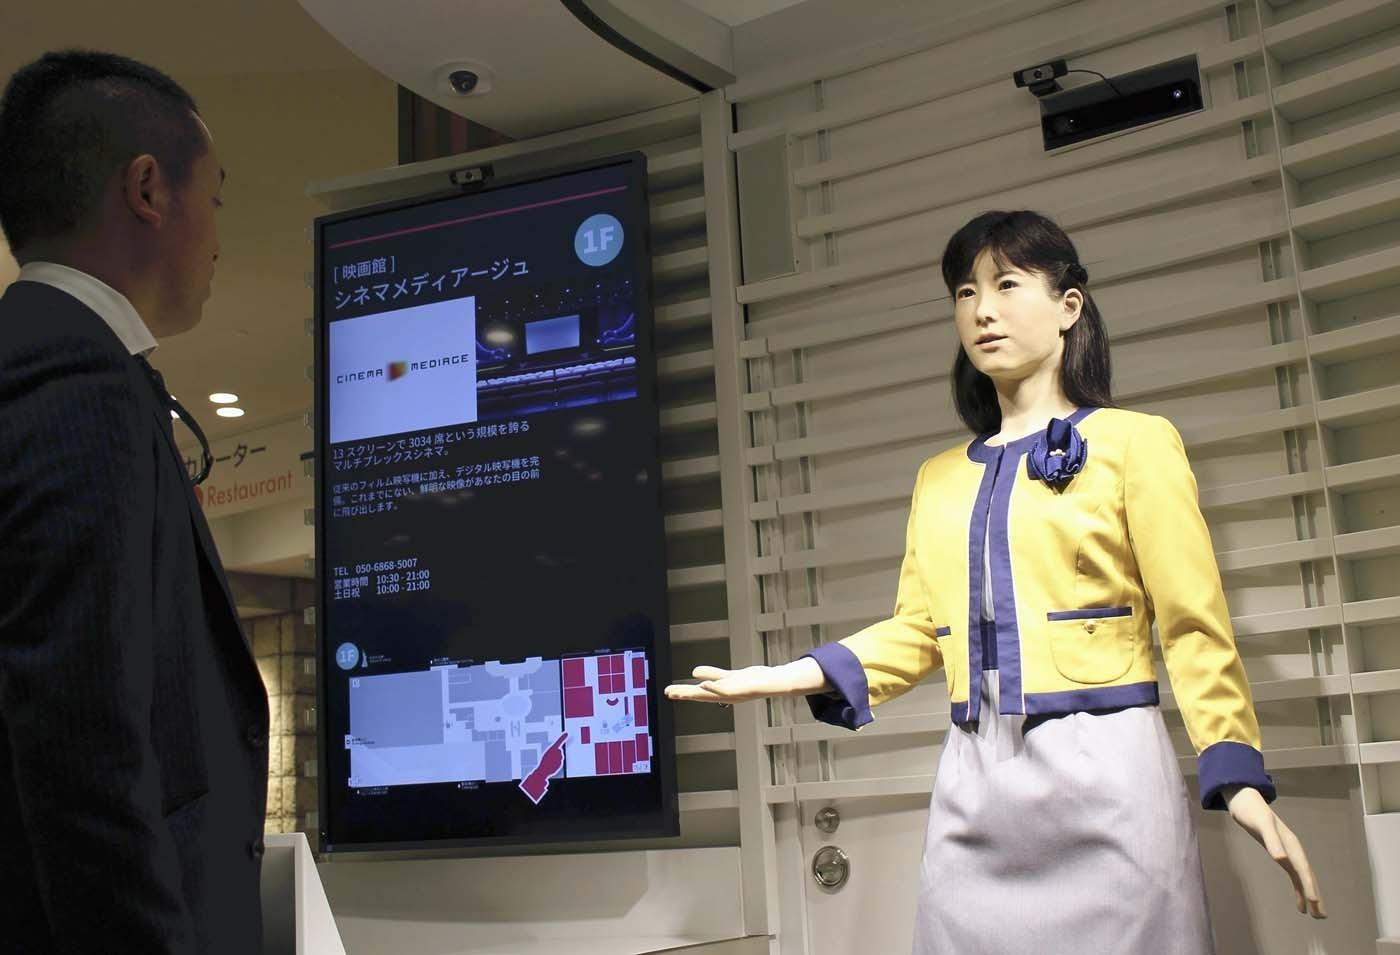 Japan's robots take on growing range of jobs